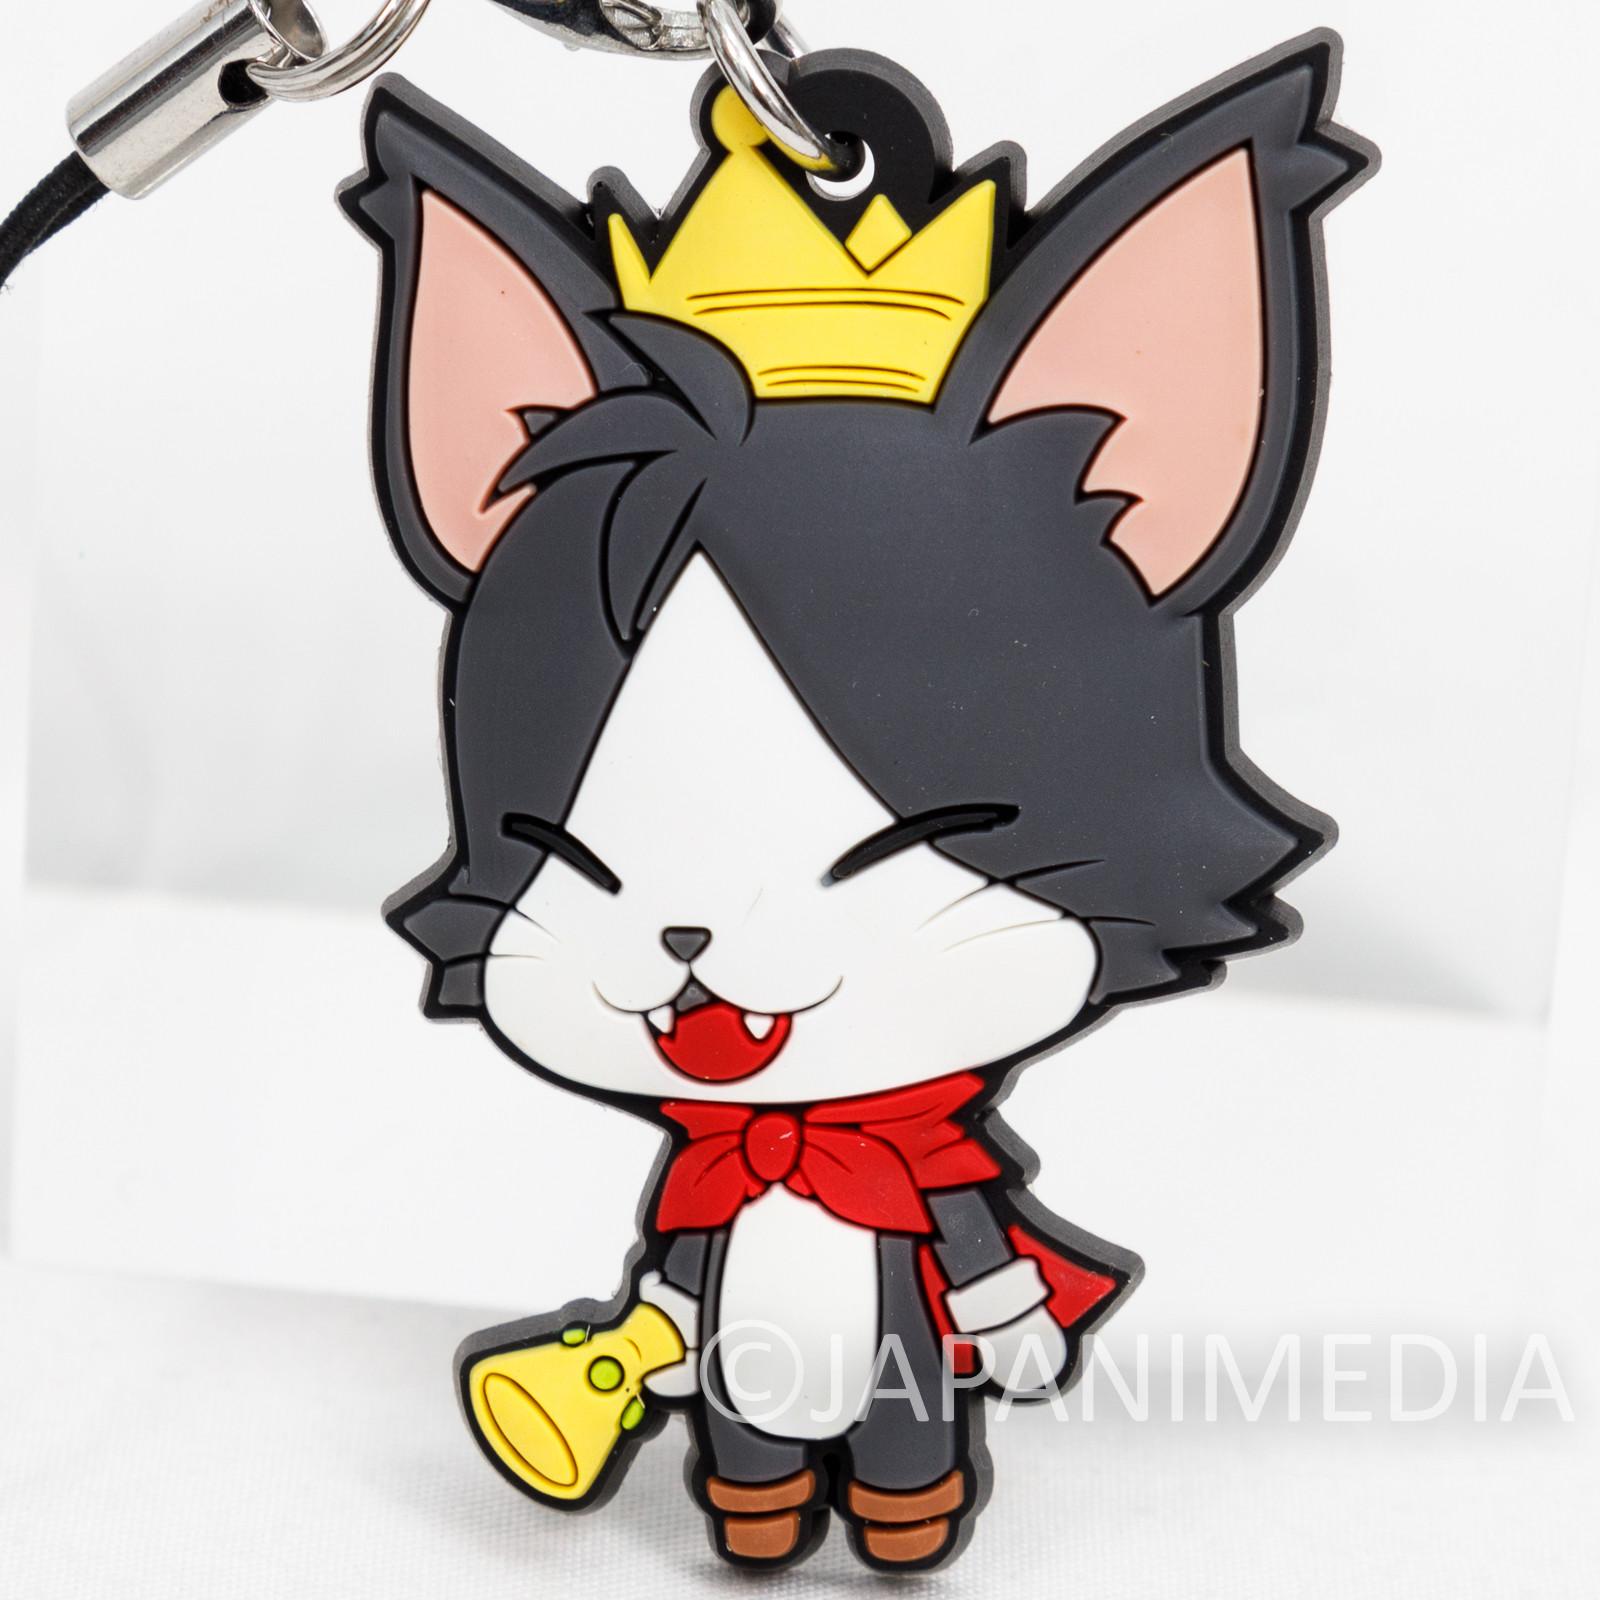 Final Fantasy Cait Sith Mascot Rubber Strap JAPAN SQUARE ENIX